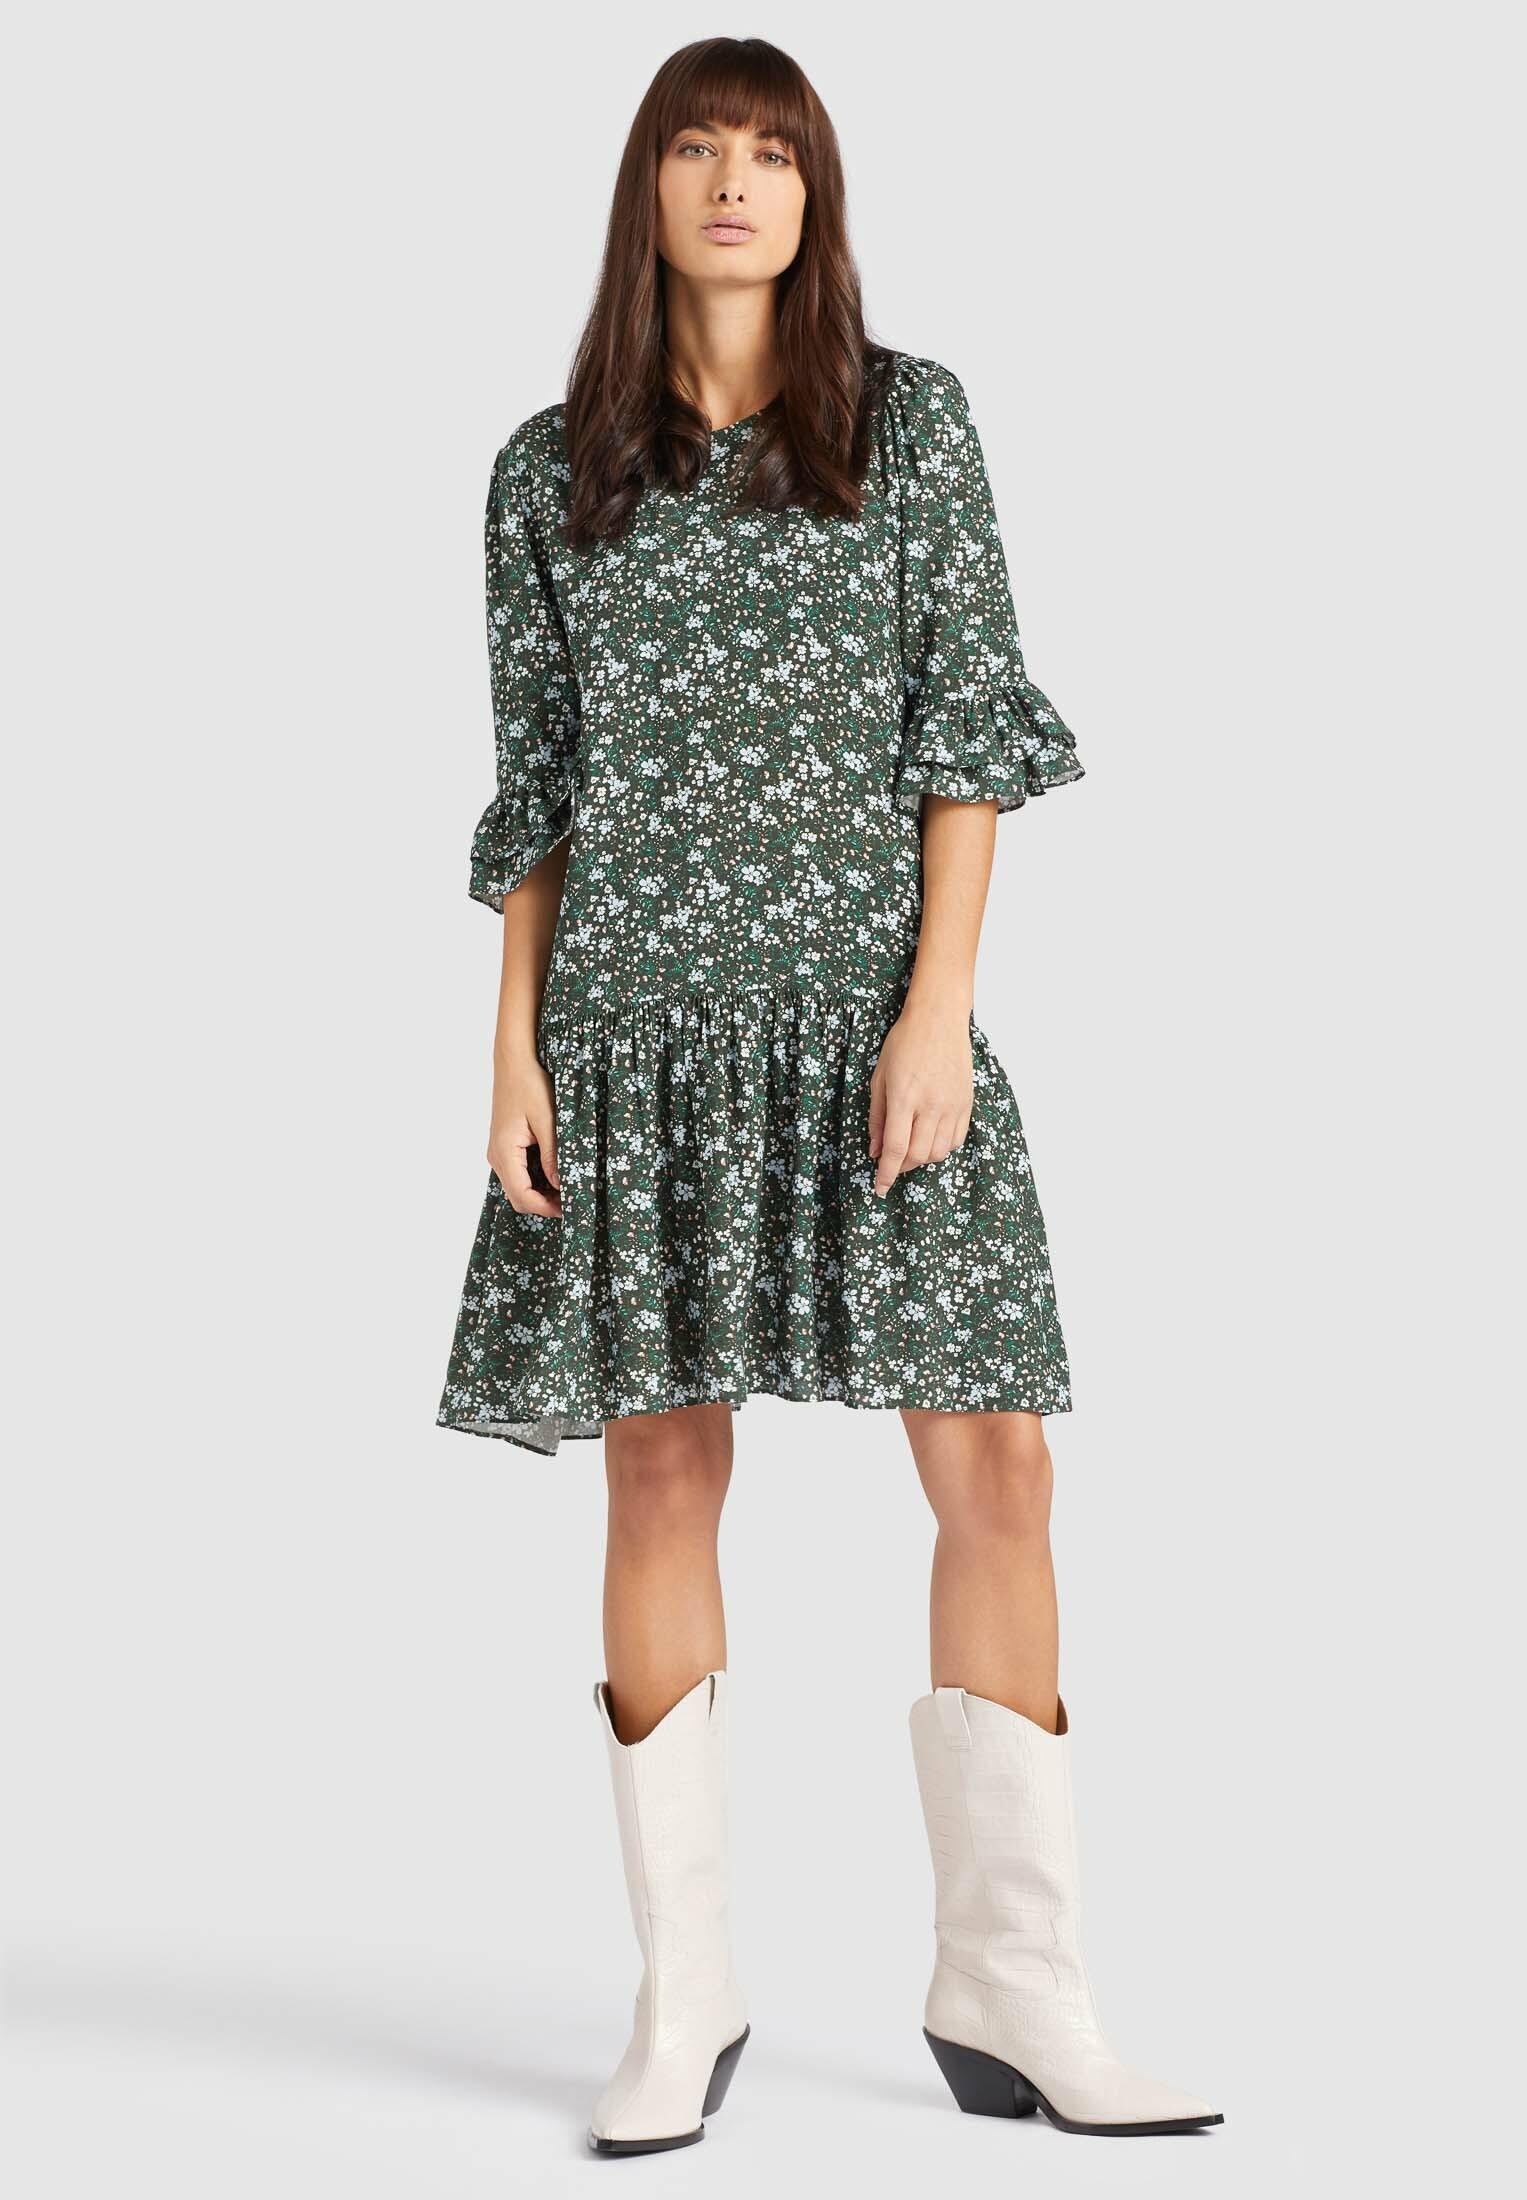 Khujo Frema Damen Kleid  Kleider  Bekleidung  Damen